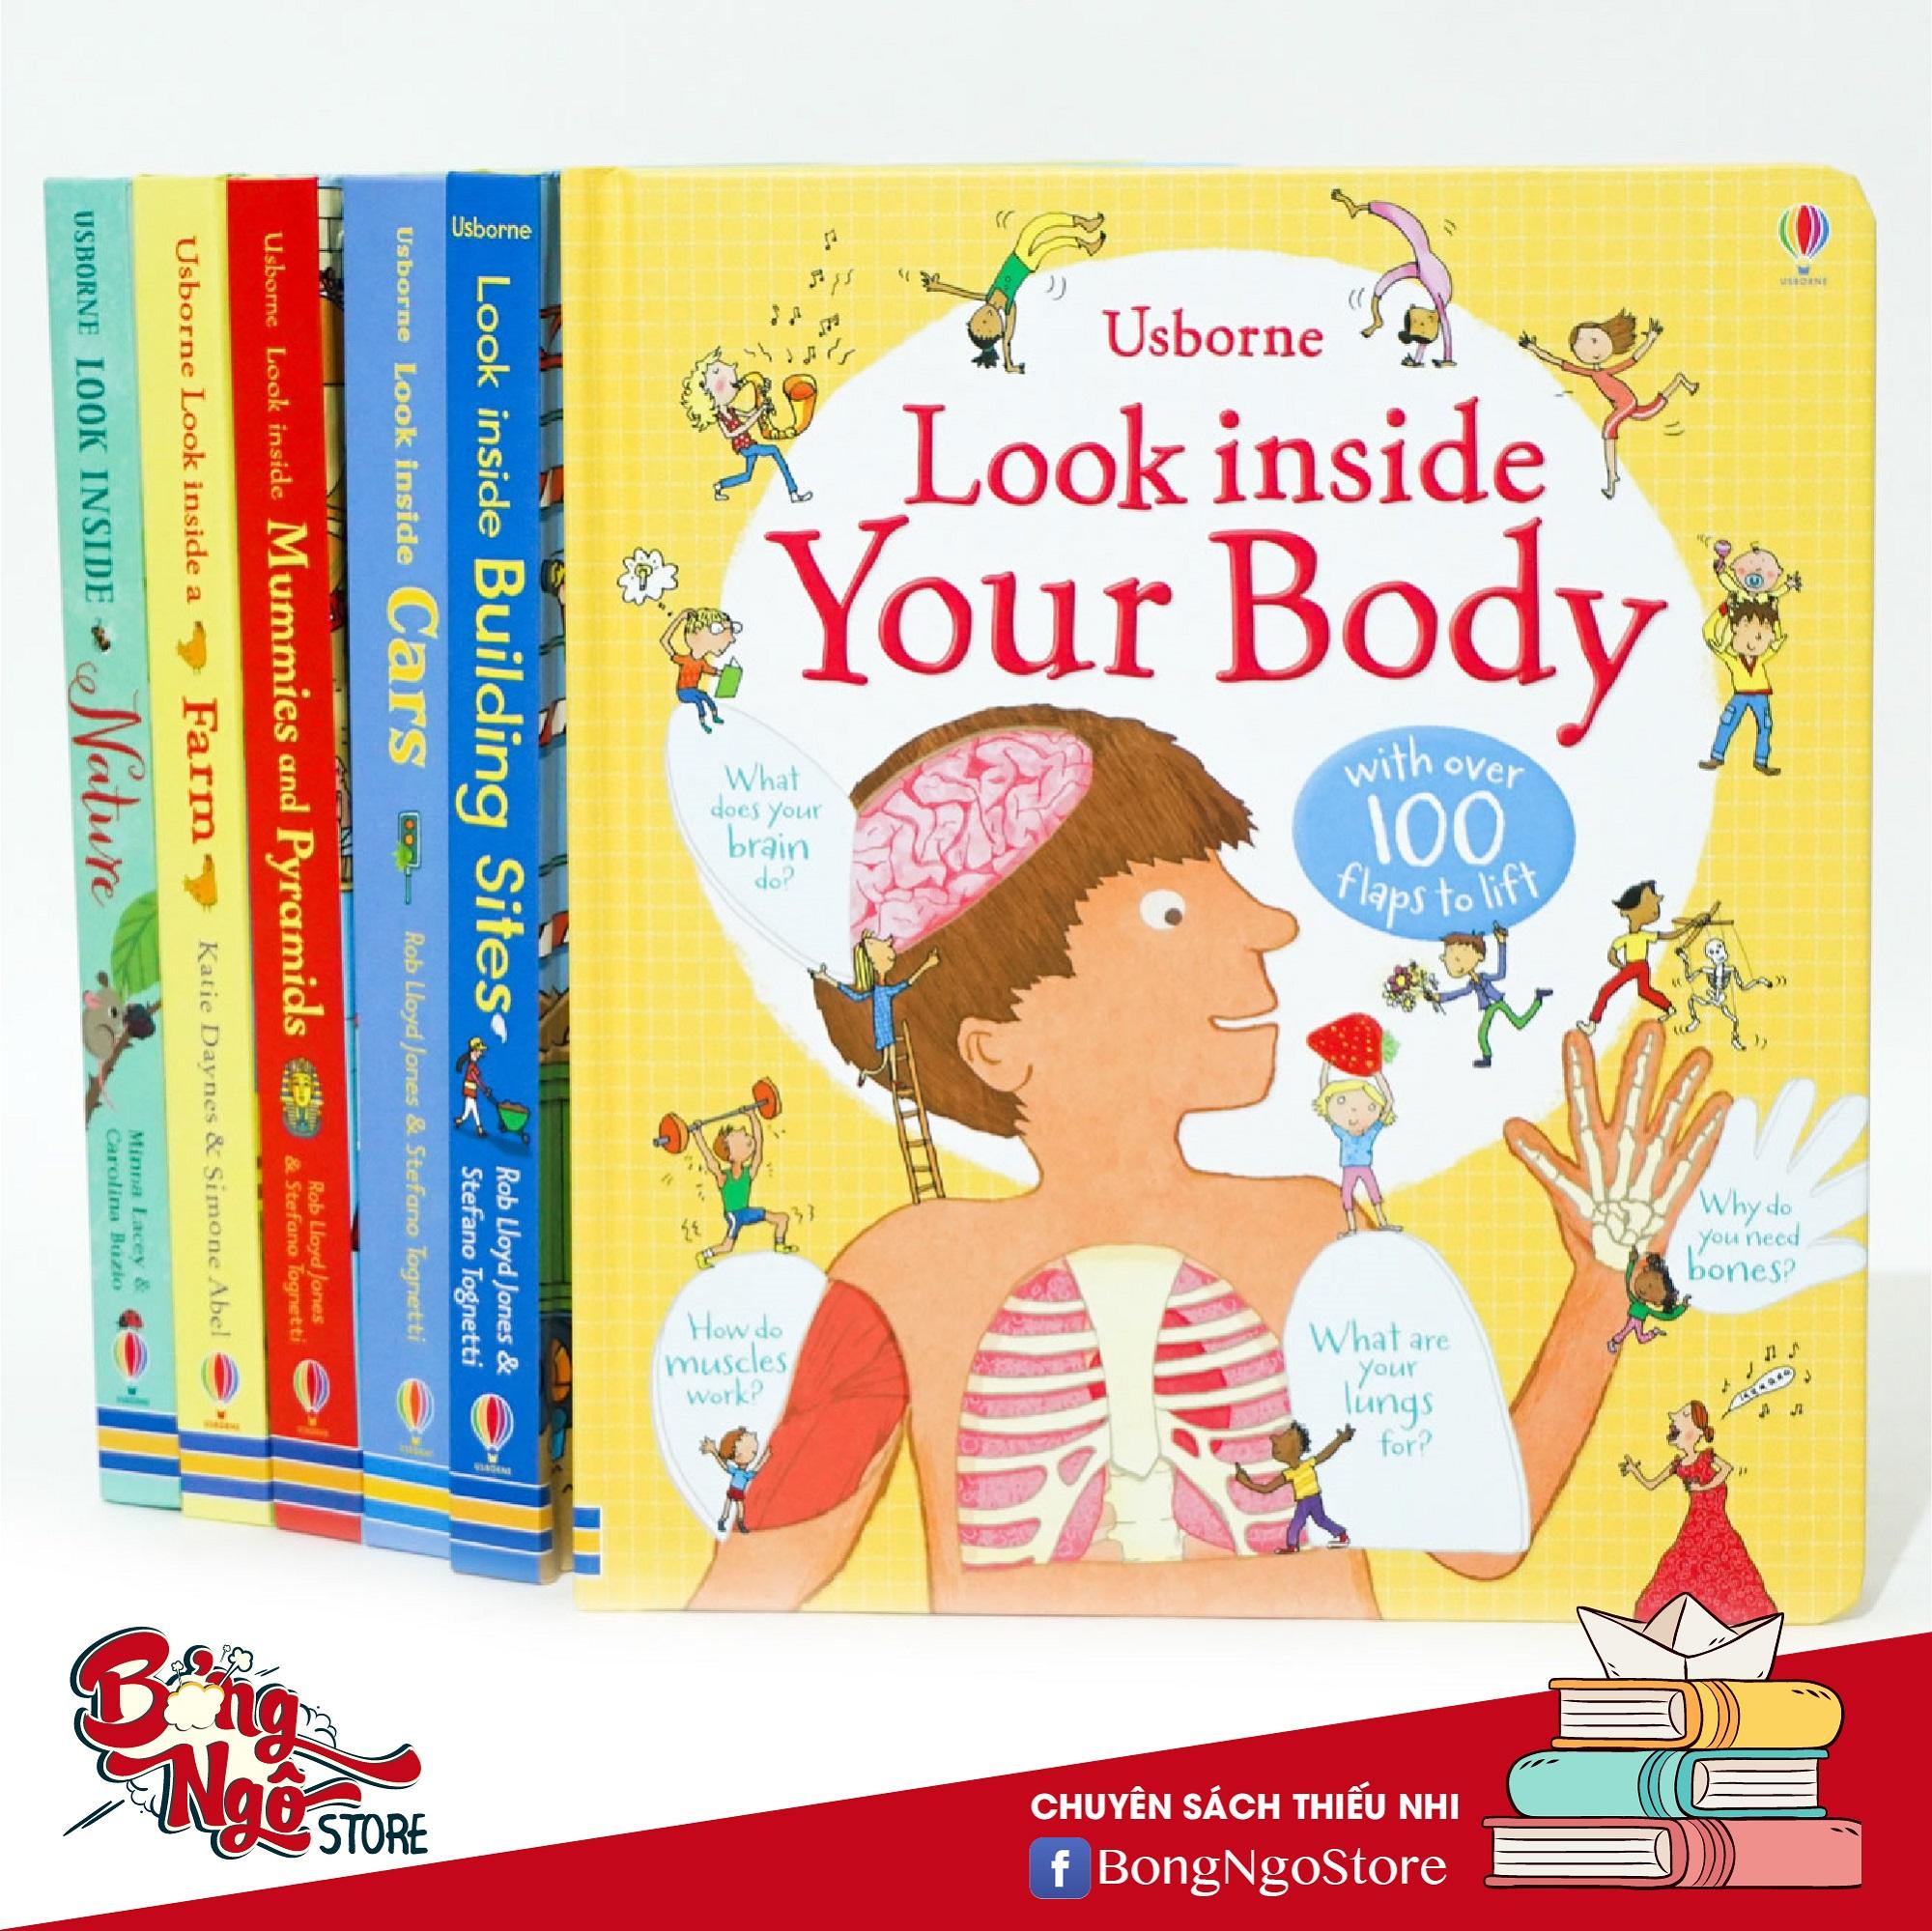 Look Inside Your Body Usborne - Sách Lật Giở Thông Minh Khám Phá Cơ Thể Người Có Giá Tốt